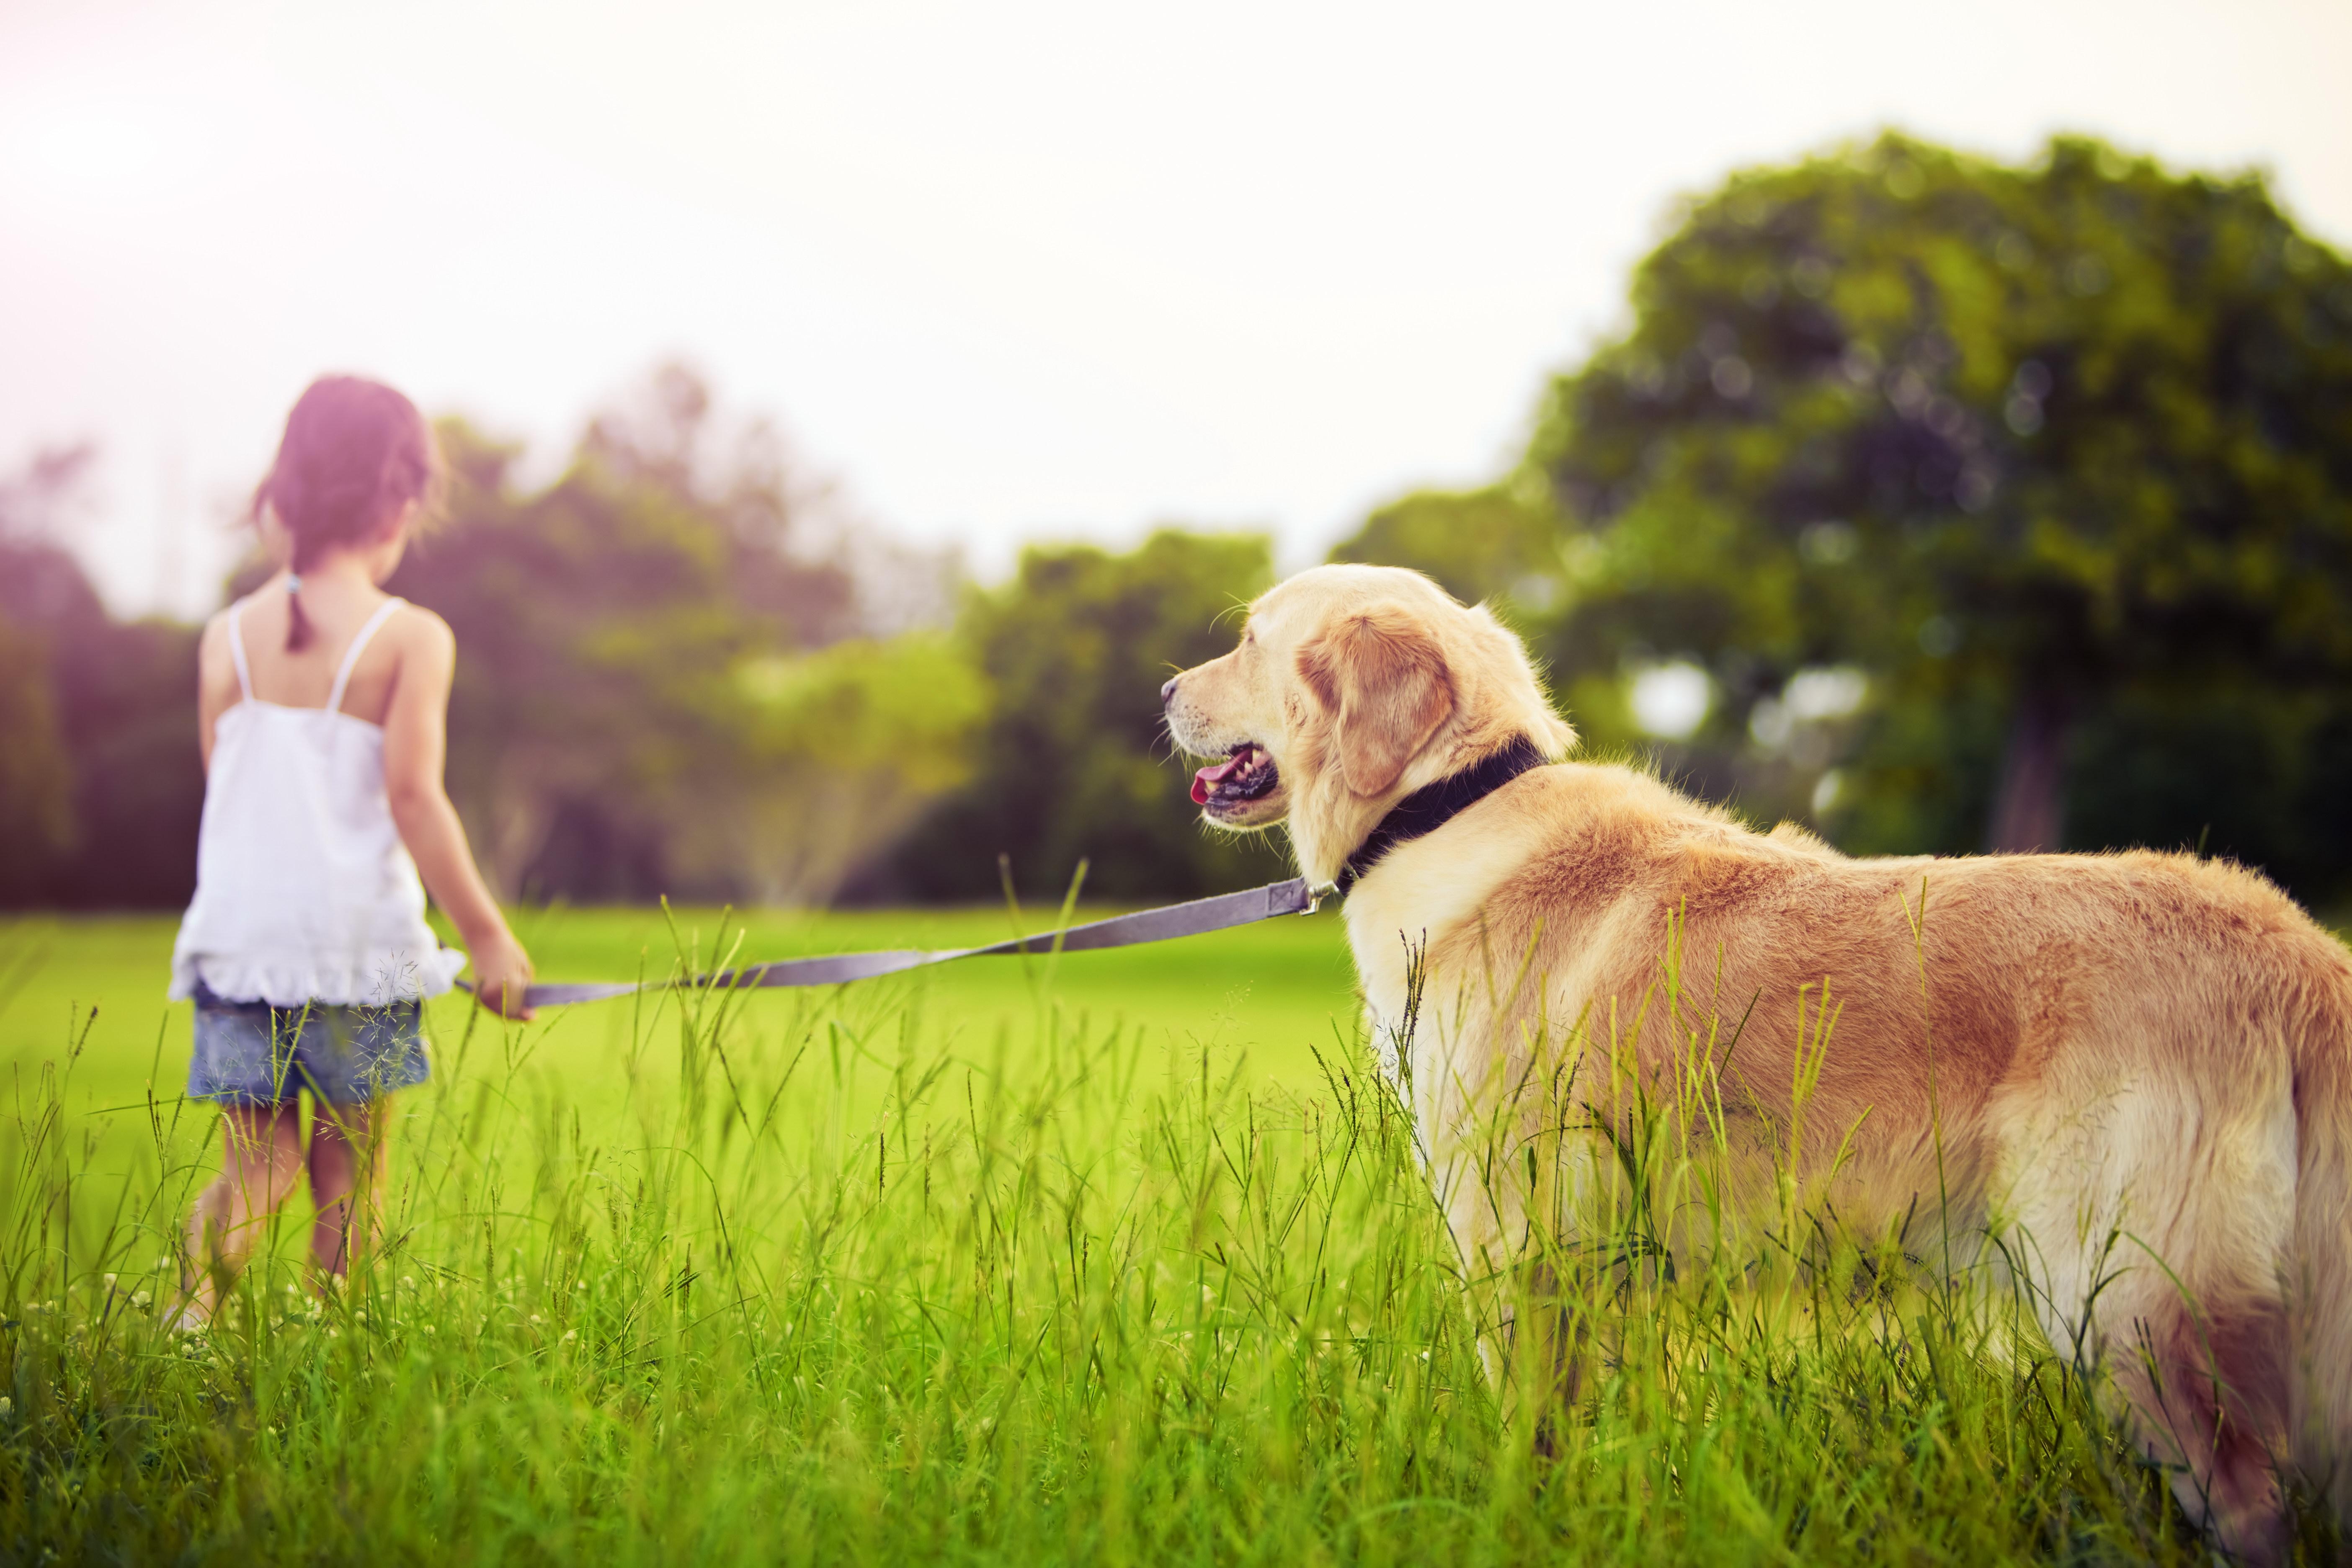 83093 скачать обои Разное, Девочка, Поводок, Собака, Прогулка, Трава, Парк - заставки и картинки бесплатно